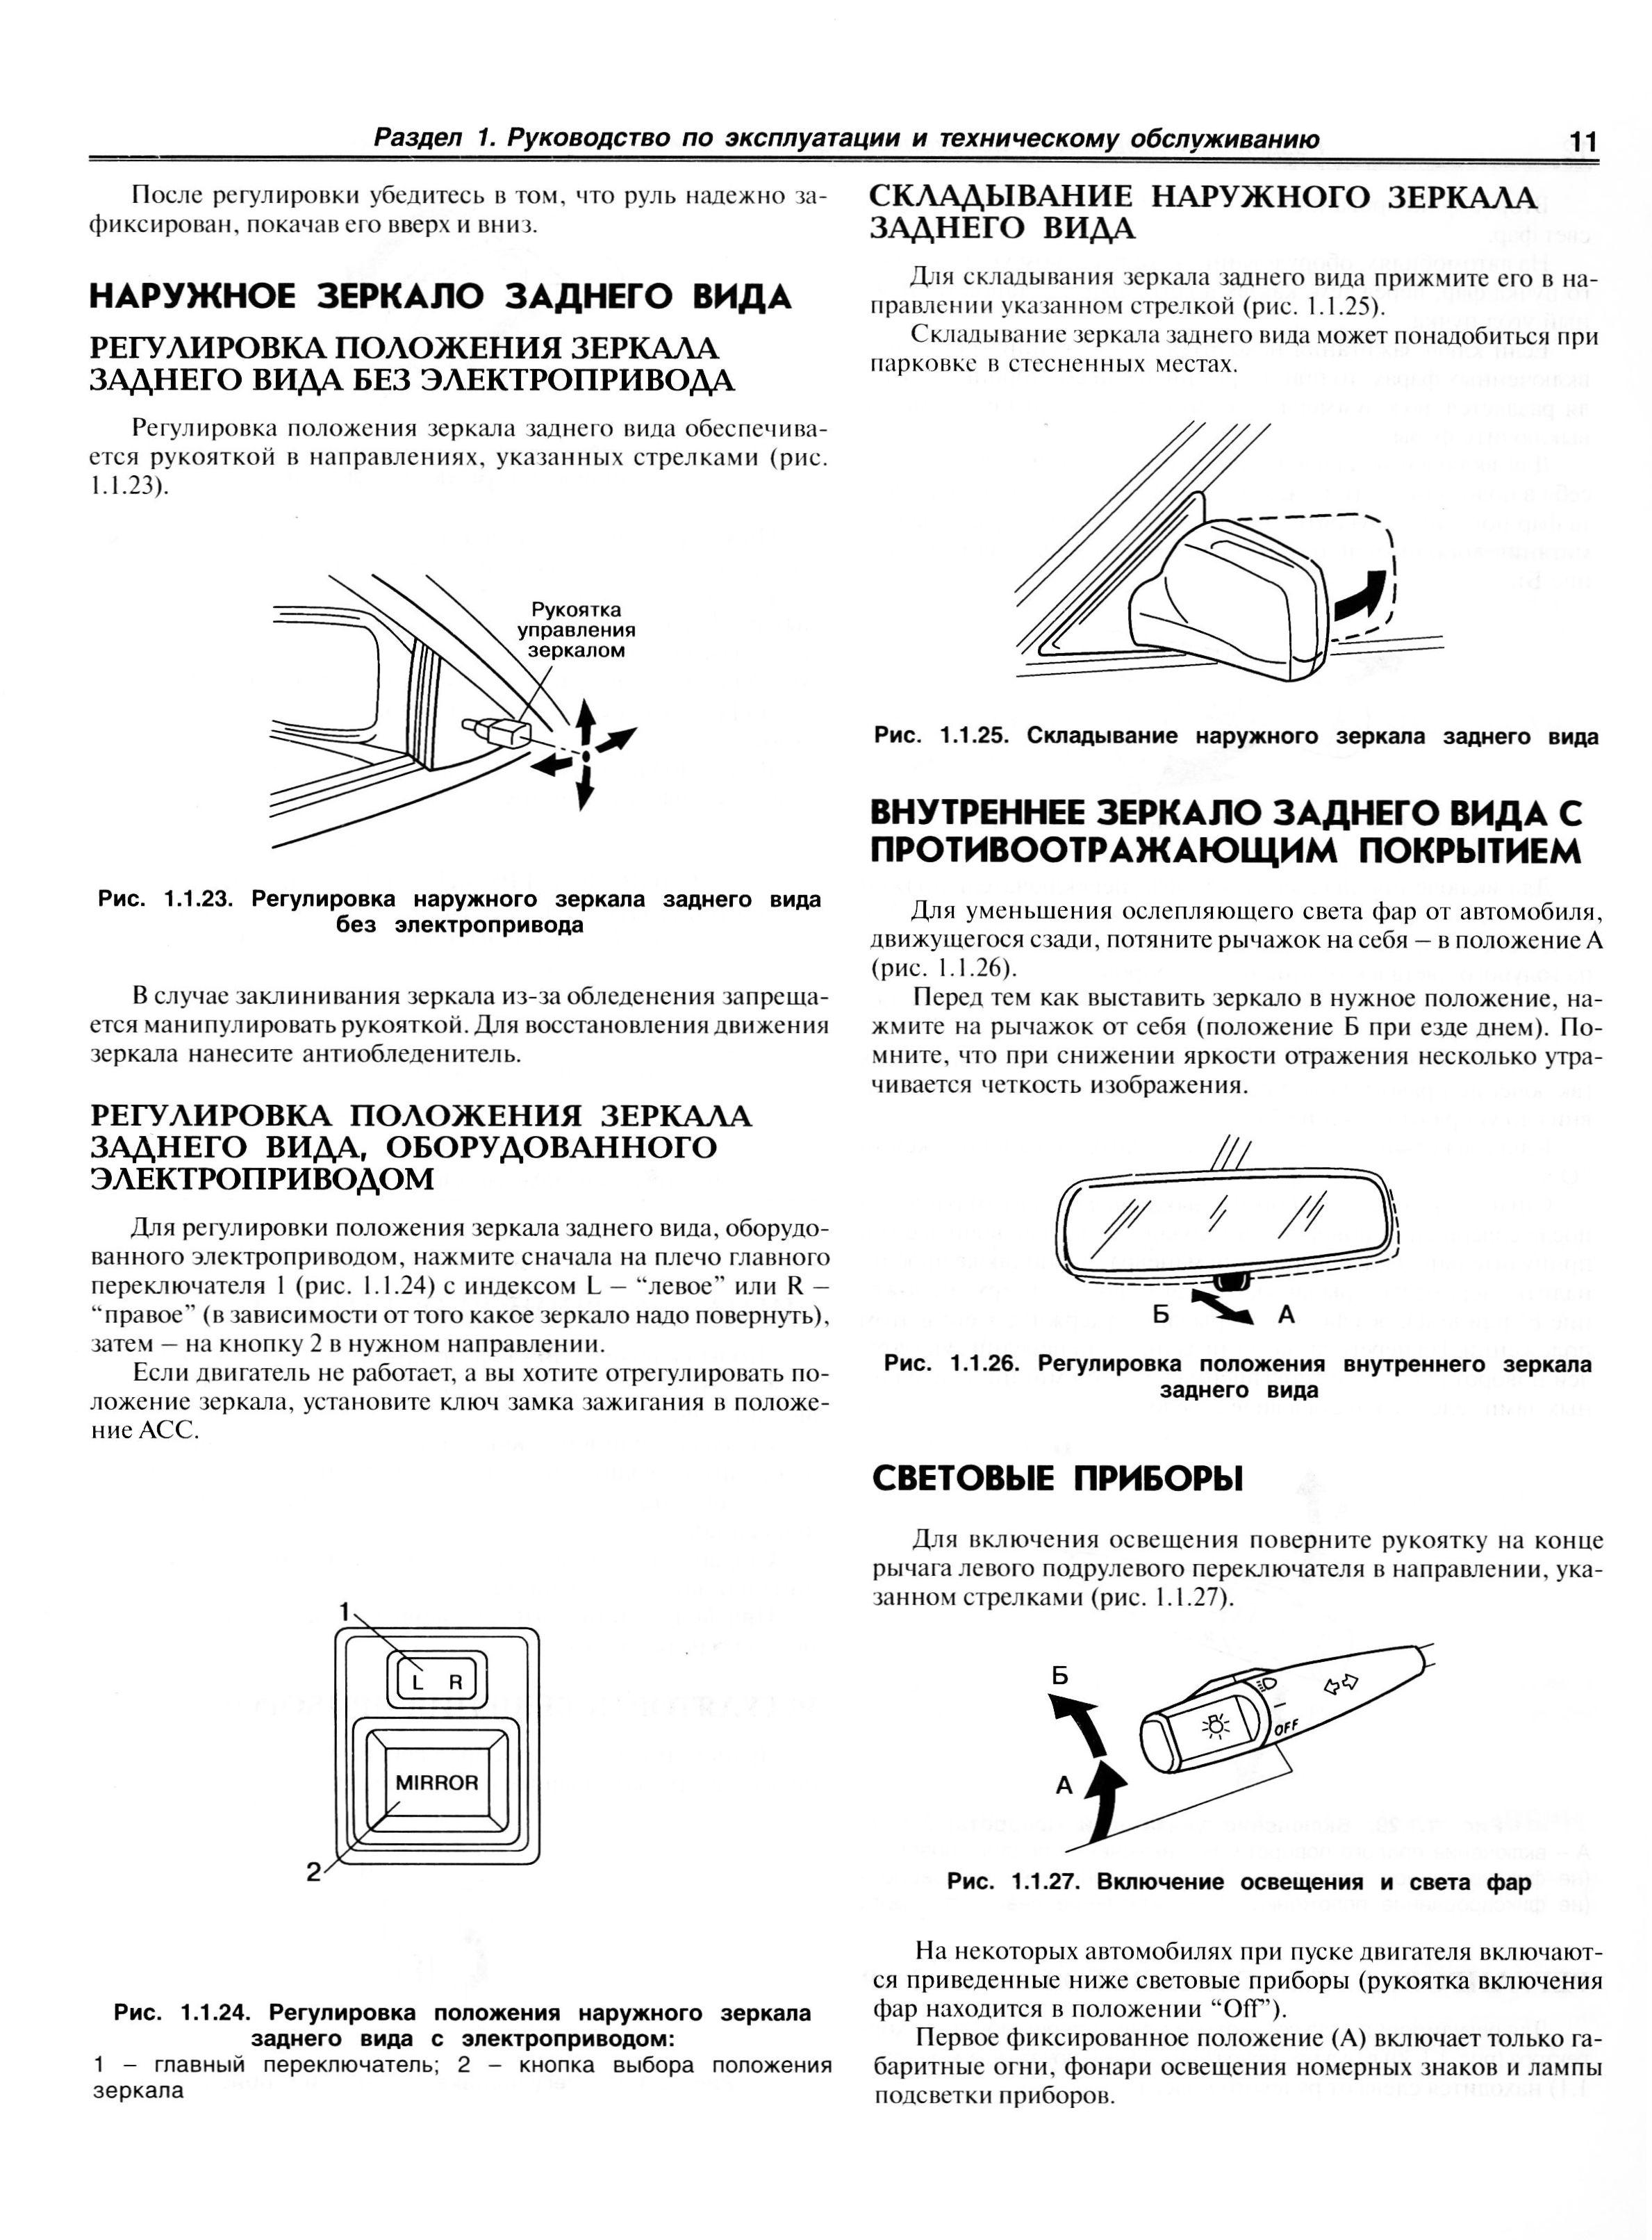 схема расположения агрегатов лифан бриз